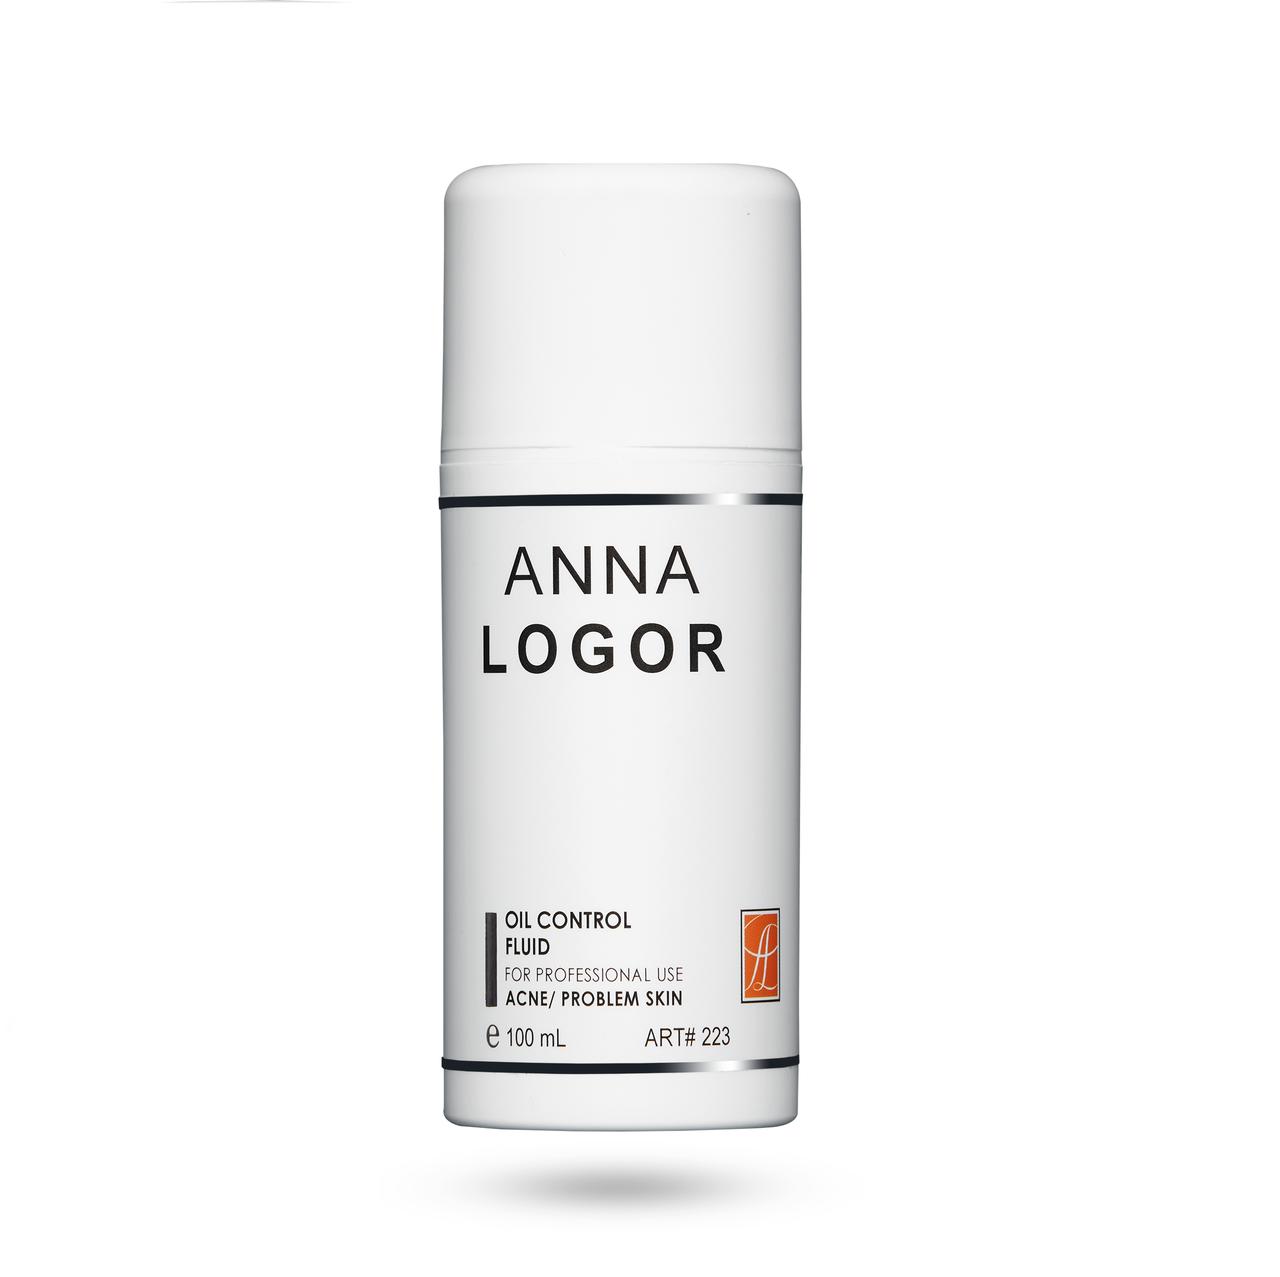 Эмульсія стабілізуюча для жирної шкіри Анна Логор / Anna Logor Oil Control Fluid 100 ml Art.223